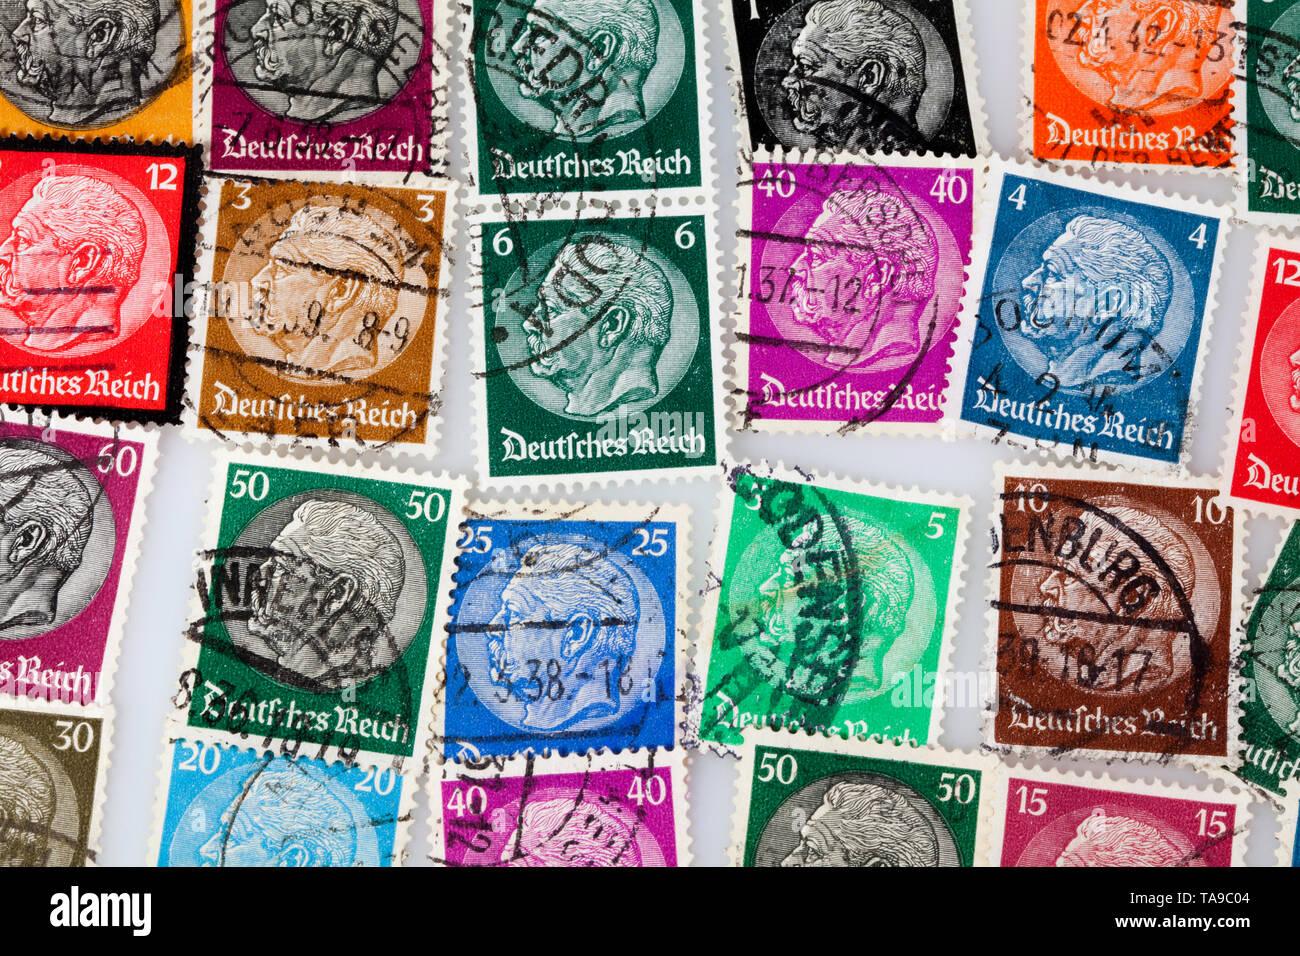 Alte Briefmarken, Reichspräsident der Weimarer Republik, Paul Ludwig Hans Anton von Beneckendorff und von Hindenburg, Deutsches Reich, 1933 Stockbild